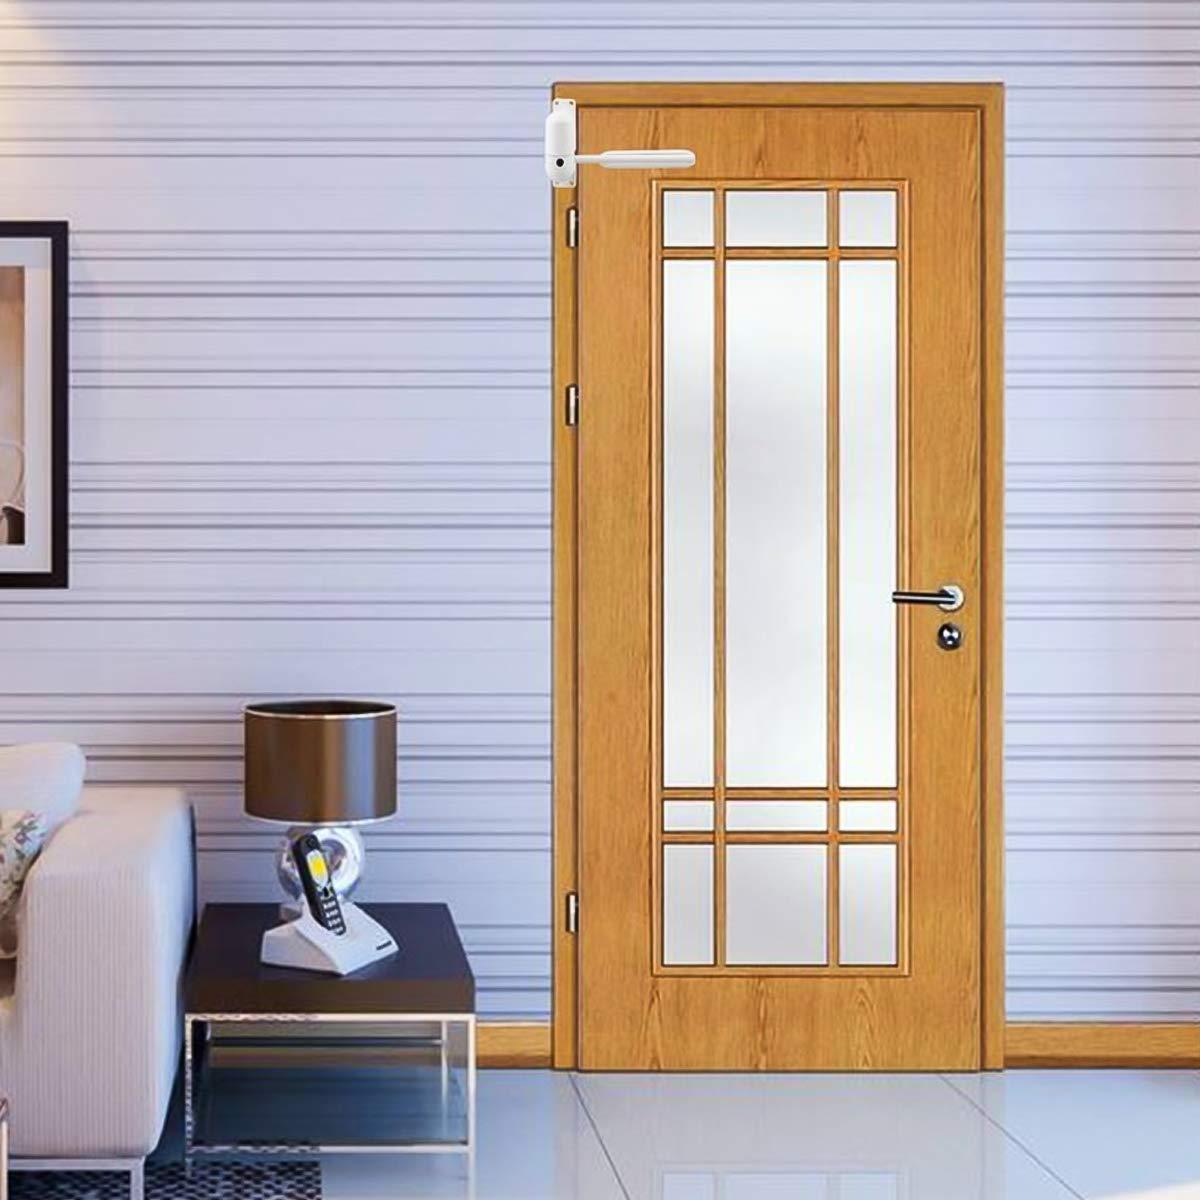 DERCLIVE cierre de puerta duradero ajustable puerta automática montada en superficie con resorte para cierre automático: Amazon.es: Bricolaje y herramientas